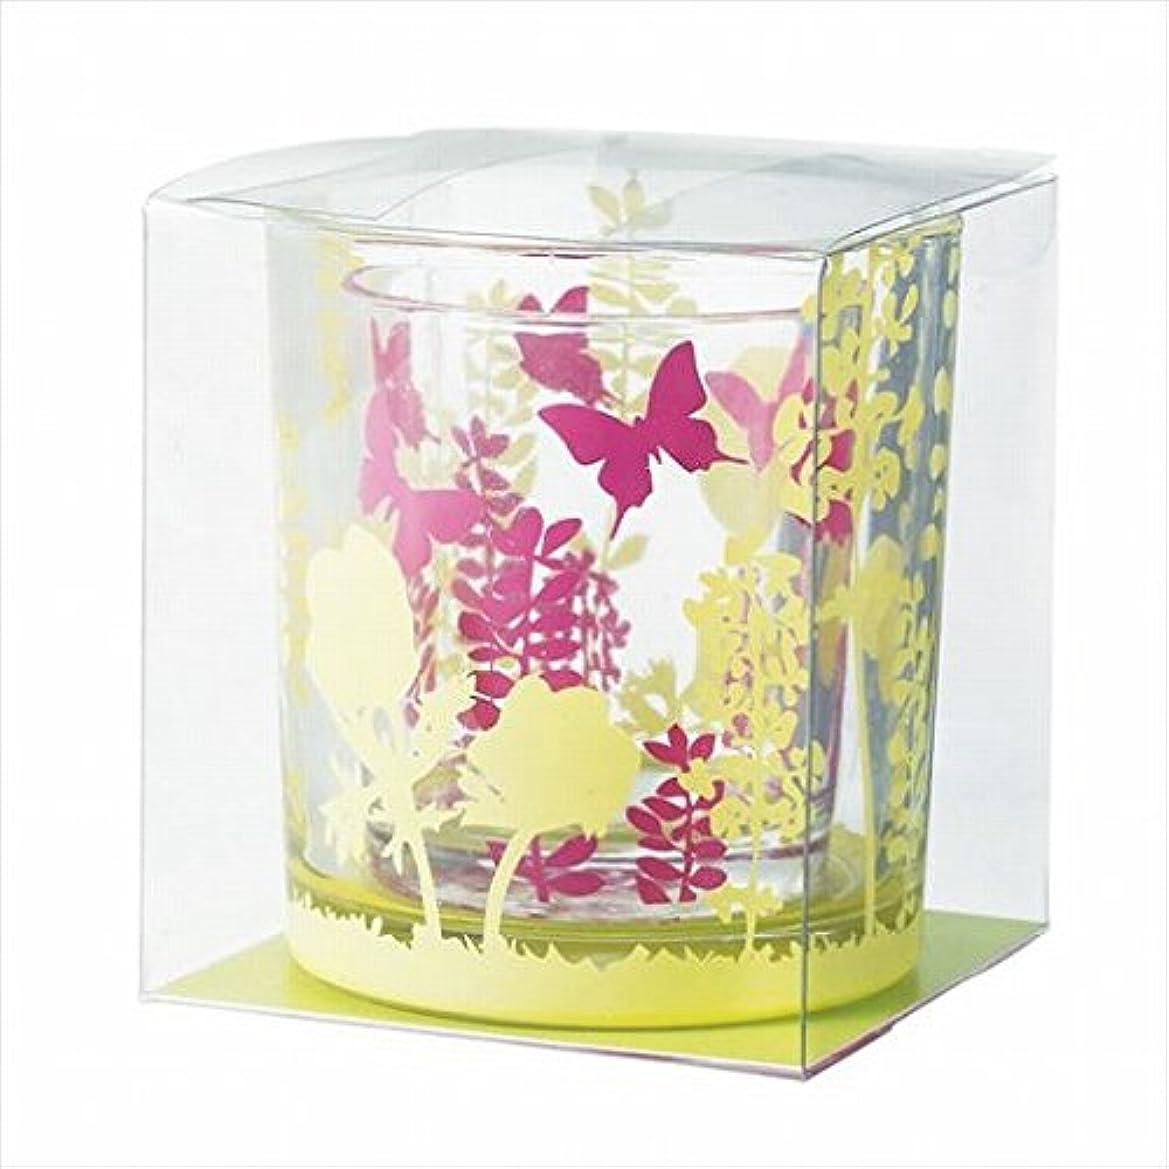 混合した時刻表専門化するカメヤマキャンドル(kameyama candle) ブルーミングデュエットグラス 「 ウォームカラー 」